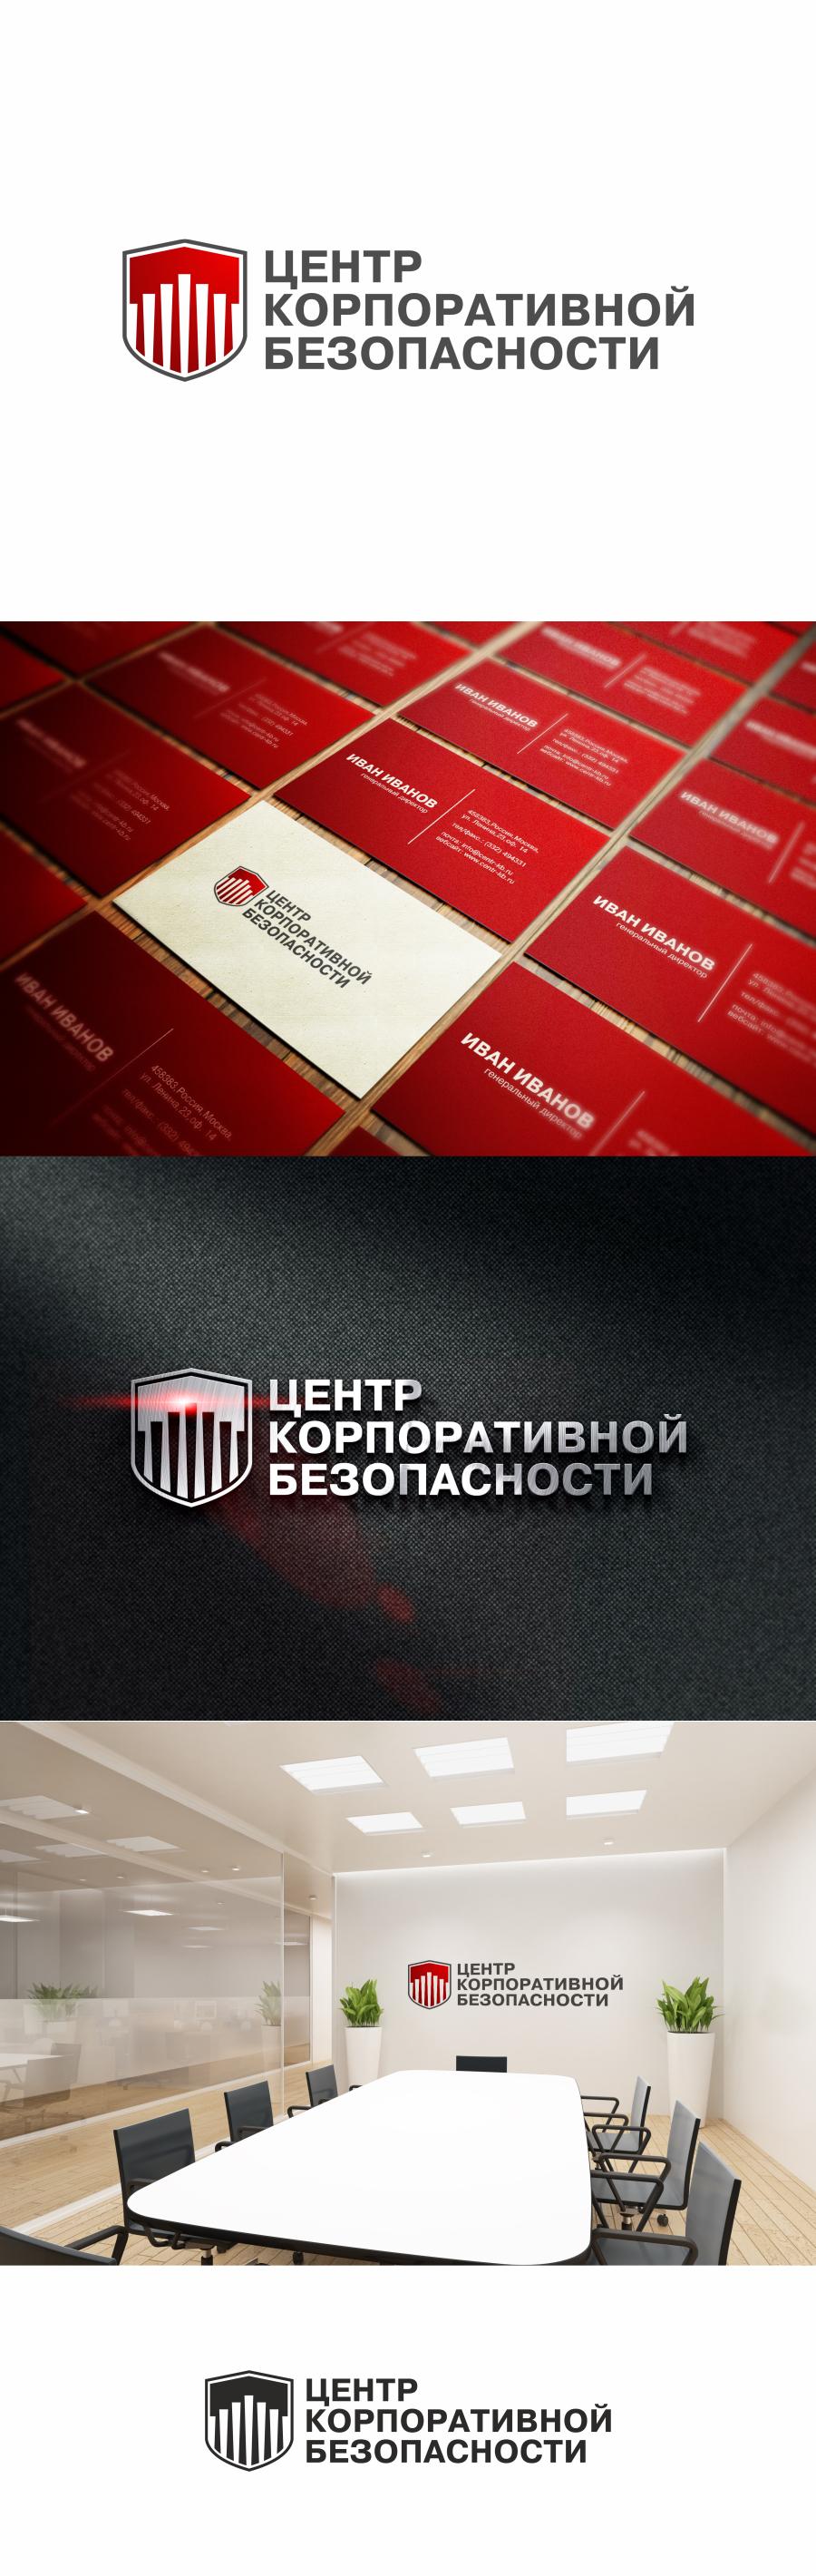 Логотип для сайта фото f_64254cd2fc363a9a.jpg